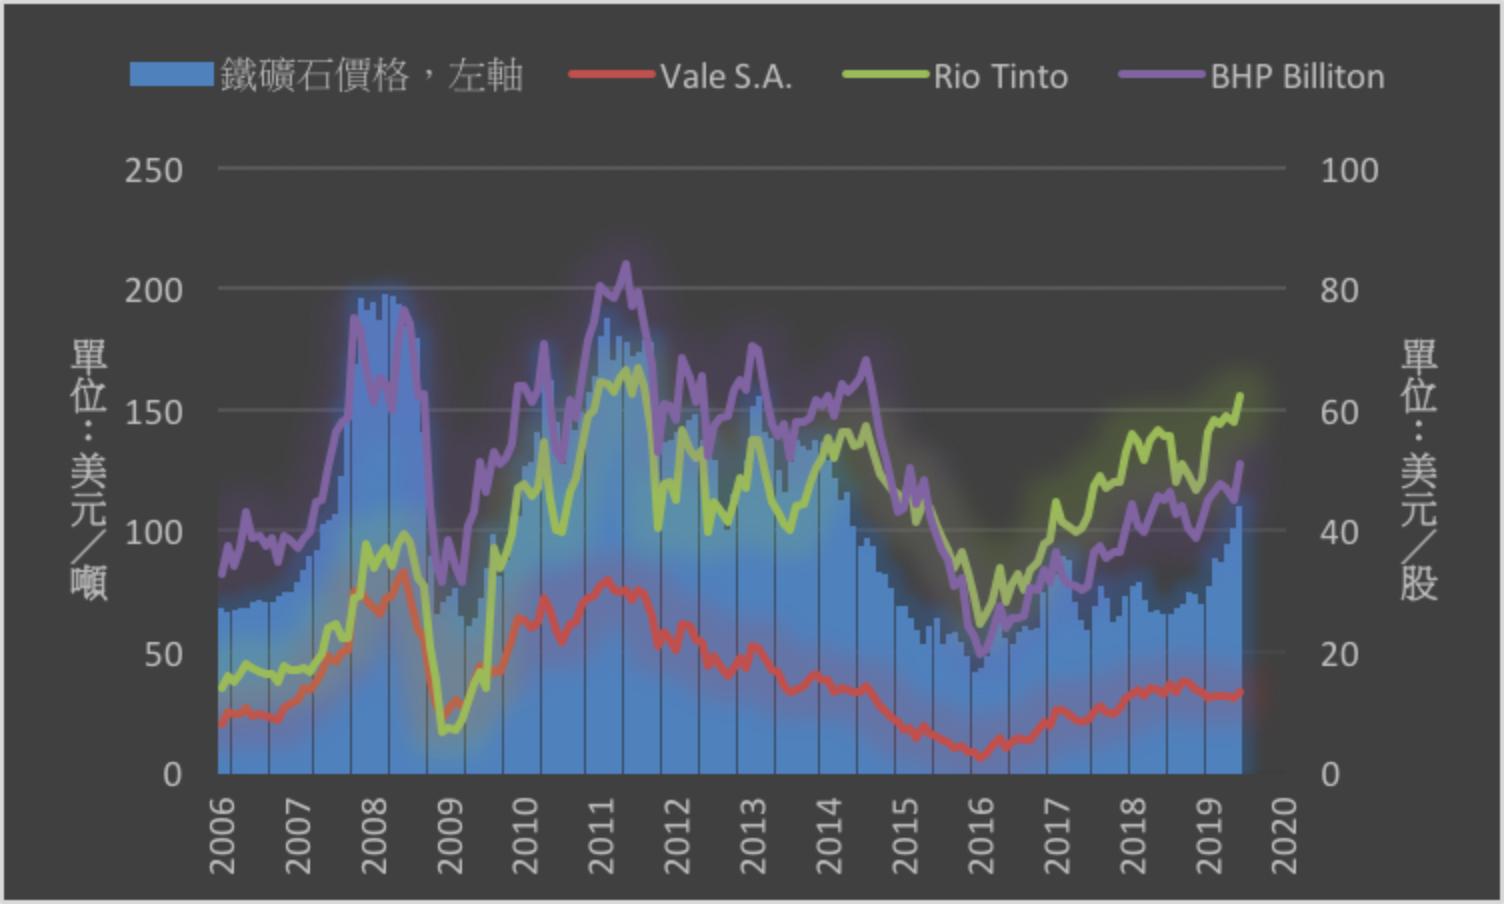 必和必拓銅與鐵礦石產量符合目標 本財年產量預期增長-財經知識庫-MoneyDJ理財網